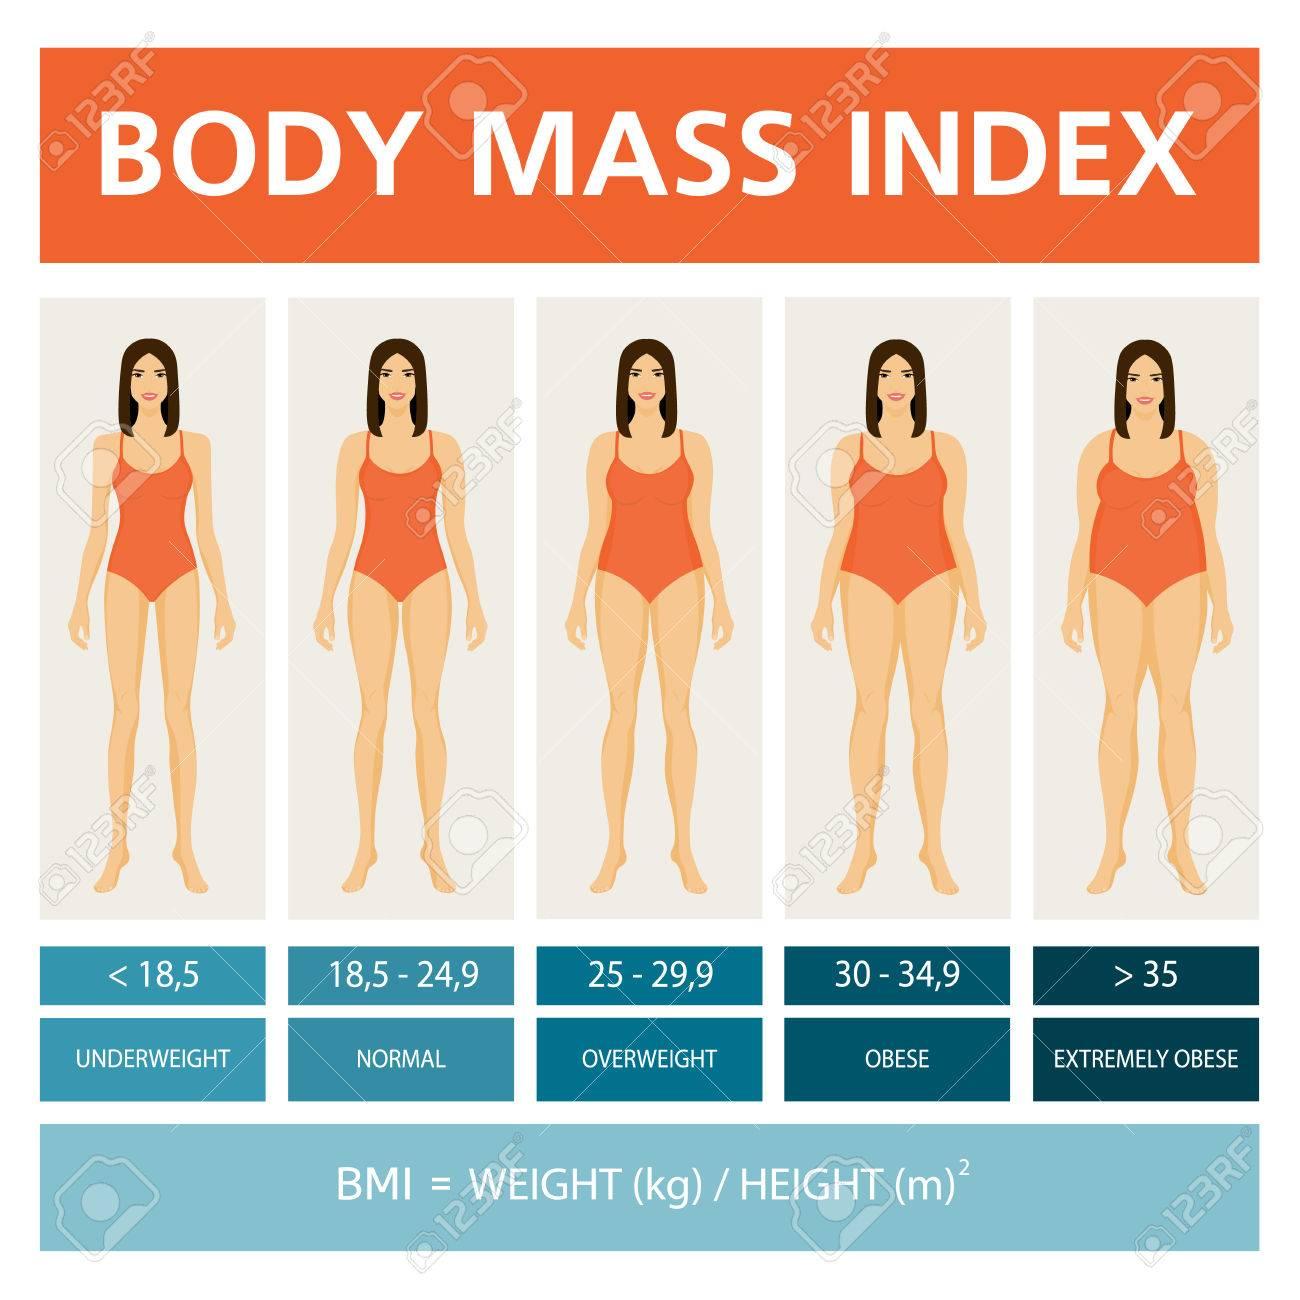 Ilustración De índice De Masa Corporal Con Figuras De Mujeres ...